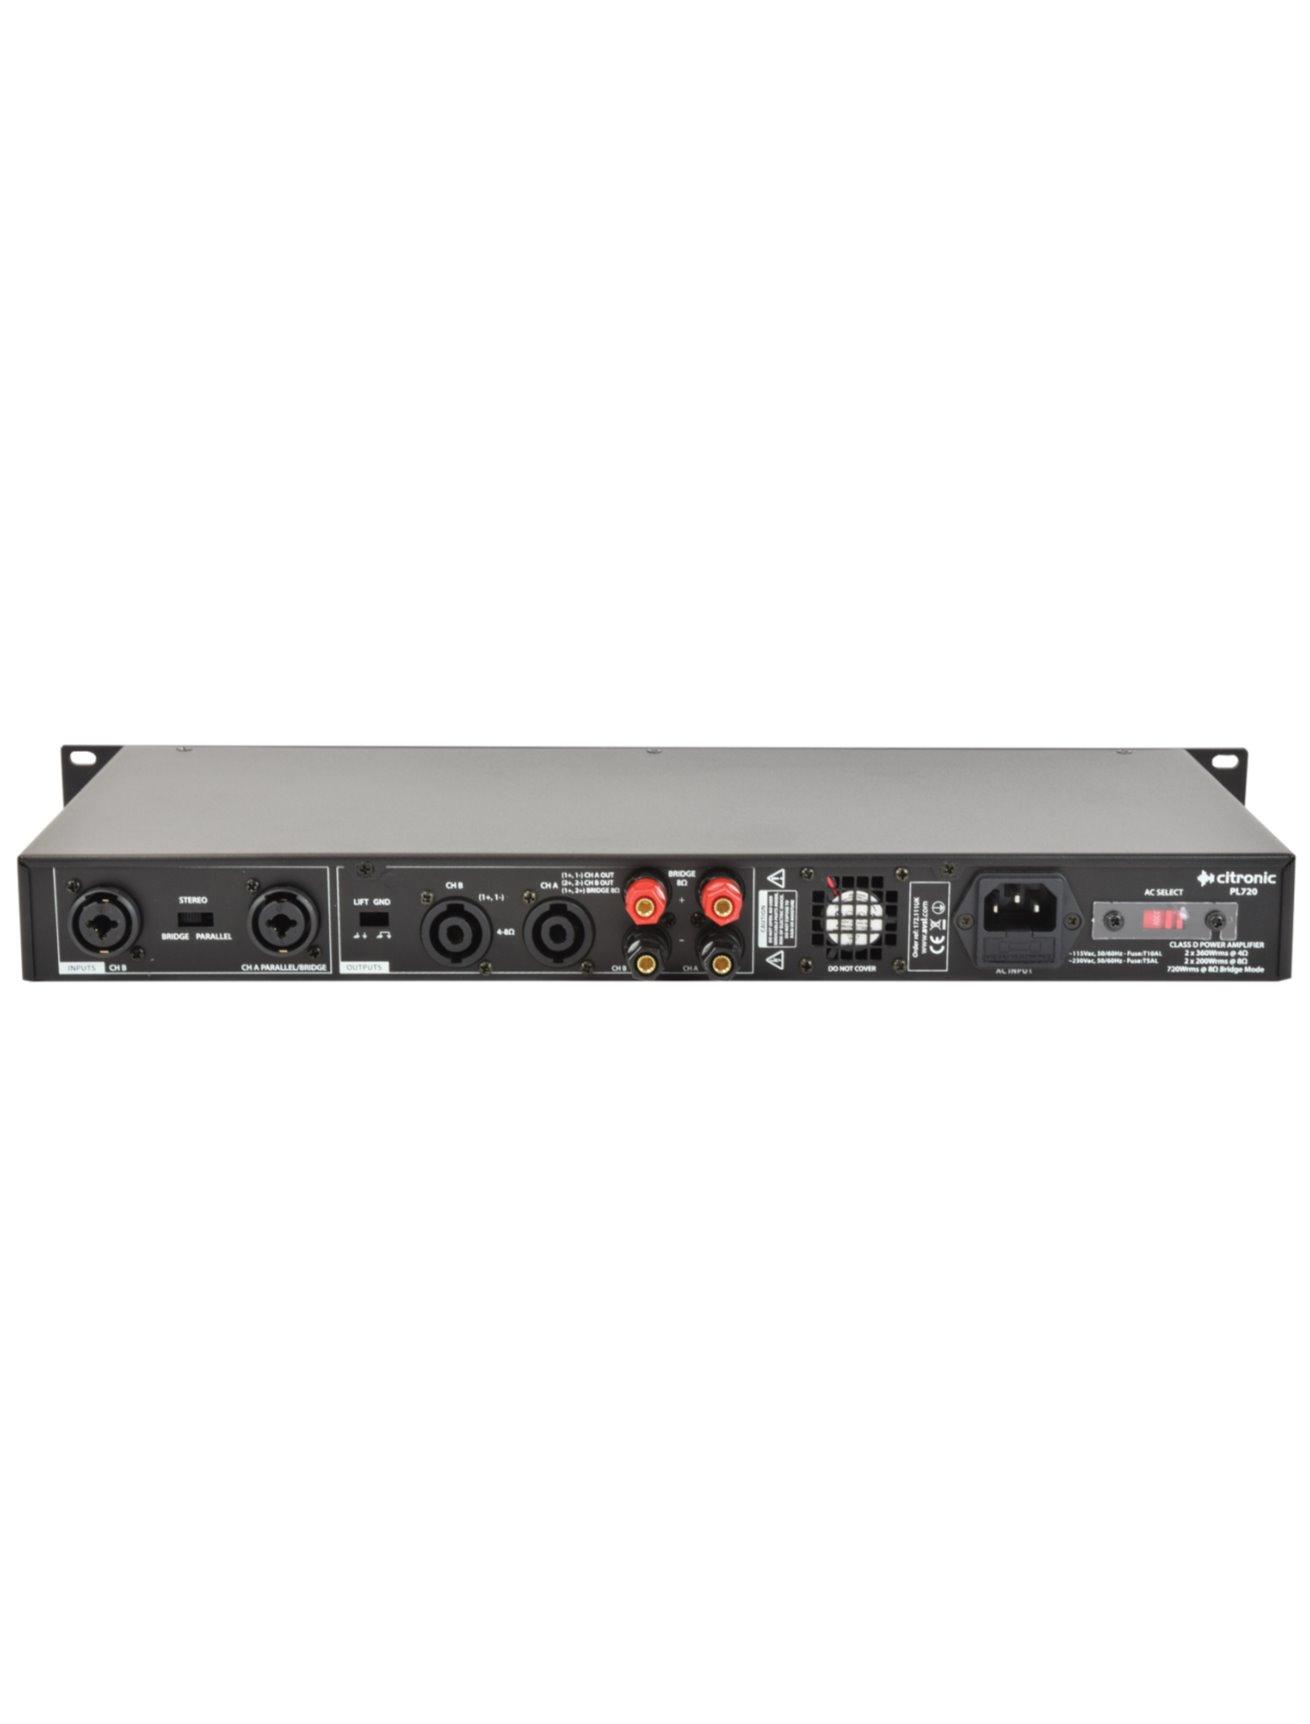 Citronic PL1080 Ψηφιακός Ενισχυτής 2x540W 1U